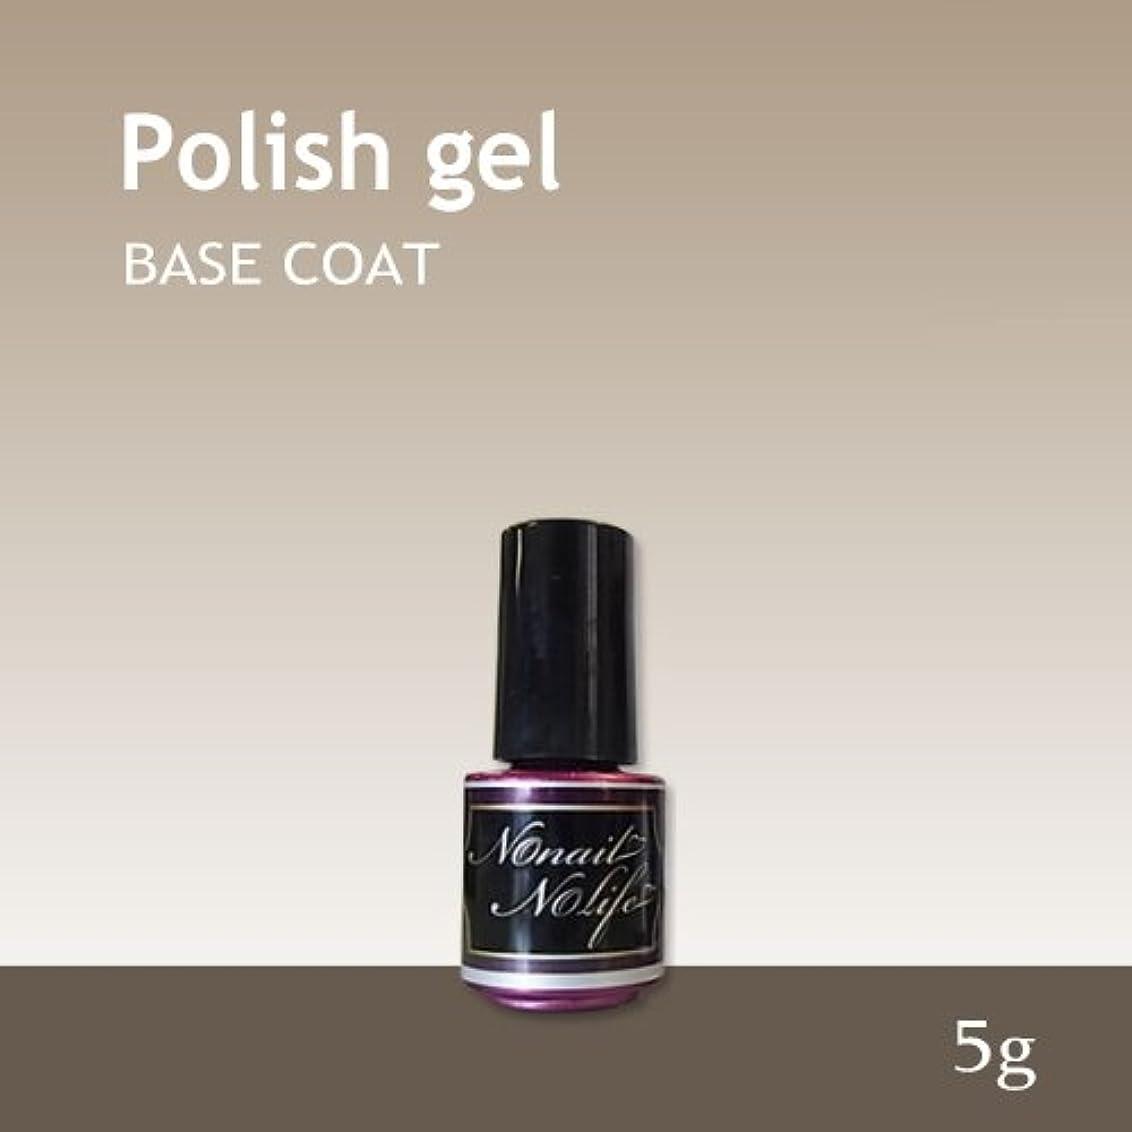 深くいじめっ子深めるジェルネイル《サンディング不要のベースコート》Natural Polish ポリッシュベースジェル(5g)